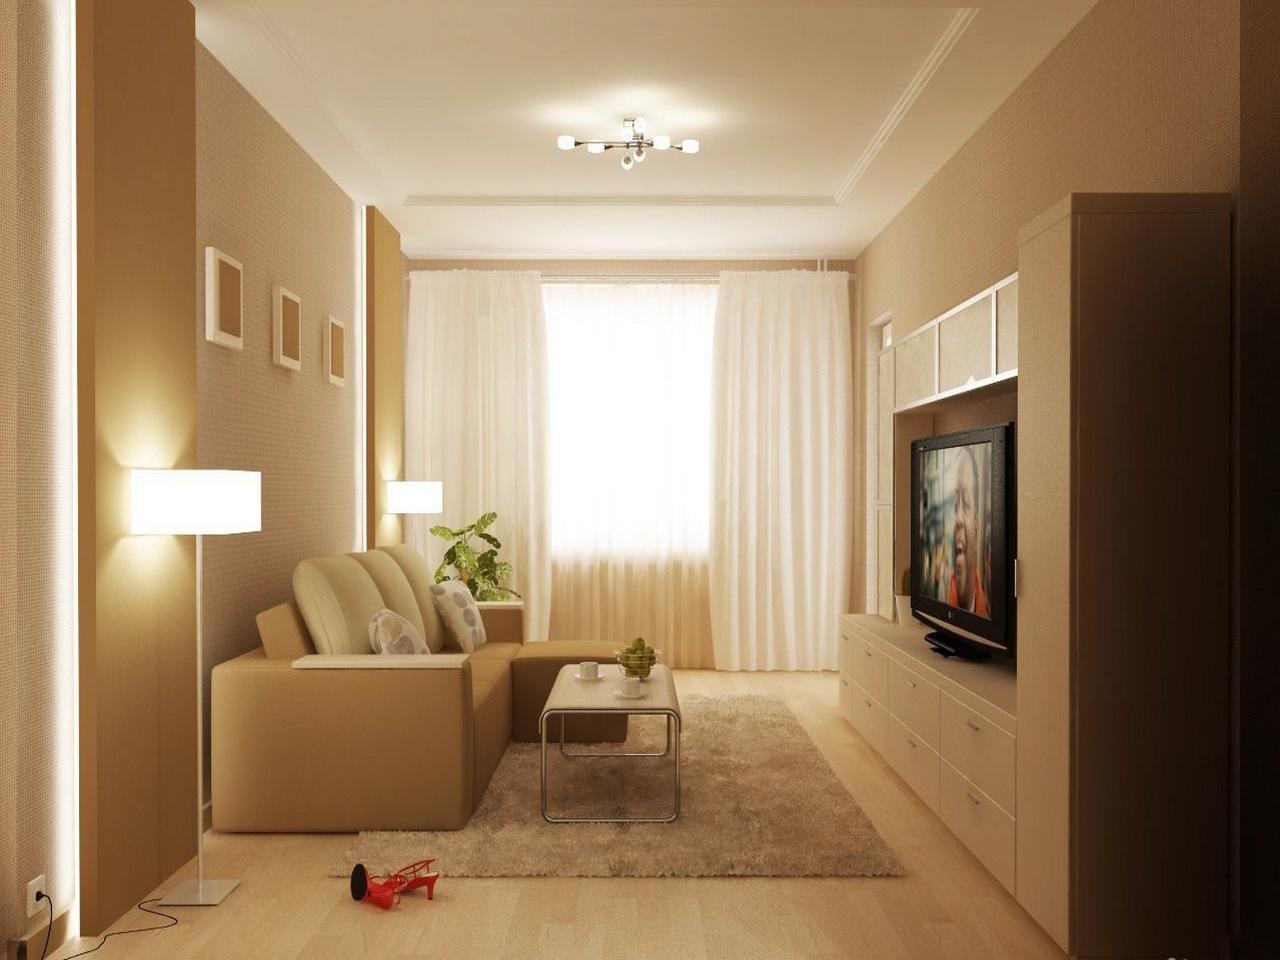 Идеи для ремонта, дизайн квартир с фото Идеи для ремонта 11